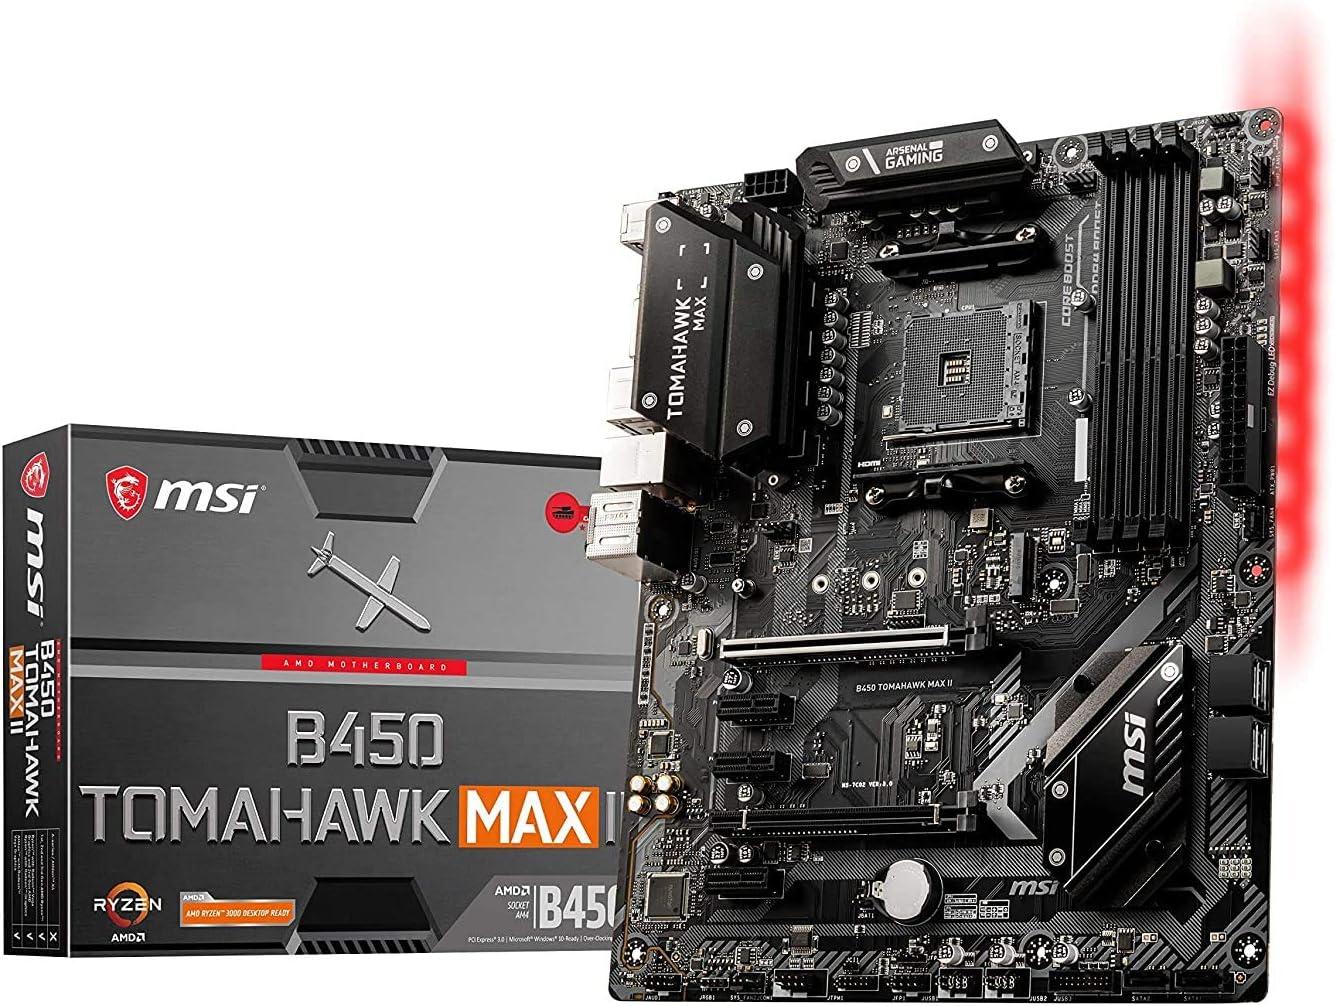 MSI B450 Tomahawk MAX II Placa Base Gaming (AMD Ryzen 3000 3a Gen ryzen AM4, DDR4, M.2, USB 3.2 Gen 1, Wi-Fi, HDMI, ATX)